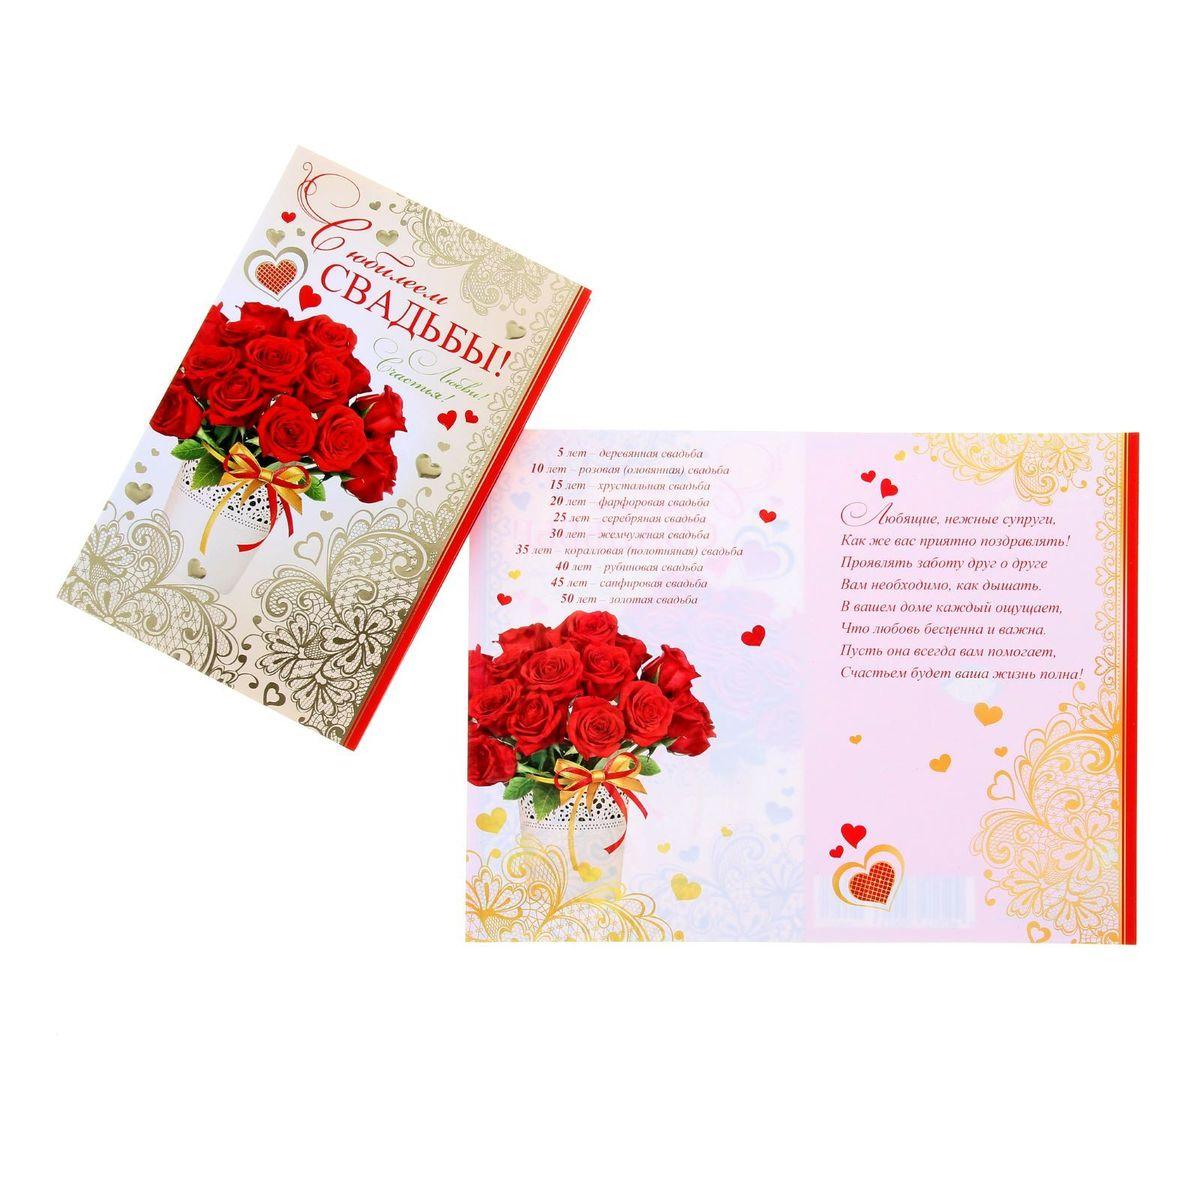 Открытка Мир открыток С юбилеем свадьбы! Розы в вазе1126033Если вы хотите порадовать себя или близких, создать праздничное настроение и с улыбкой провести памятный день, то вы, несомненно, сделали правильный выбор! Открытка Мир открыток С юбилеем свадьбы! Розы в вазе, выполненная из картона, отличается не только оригинальным дизайном, но и высоким качеством.Лицевая сторона изделия оформлена красивым изображением красных роз в вазе и дополнена серебристыми узорами. Внутри открытка содержит текст с поздравлением.Такая открытка непременно порадует получателя и станет отличным напоминанием о проведенном вместе времени.